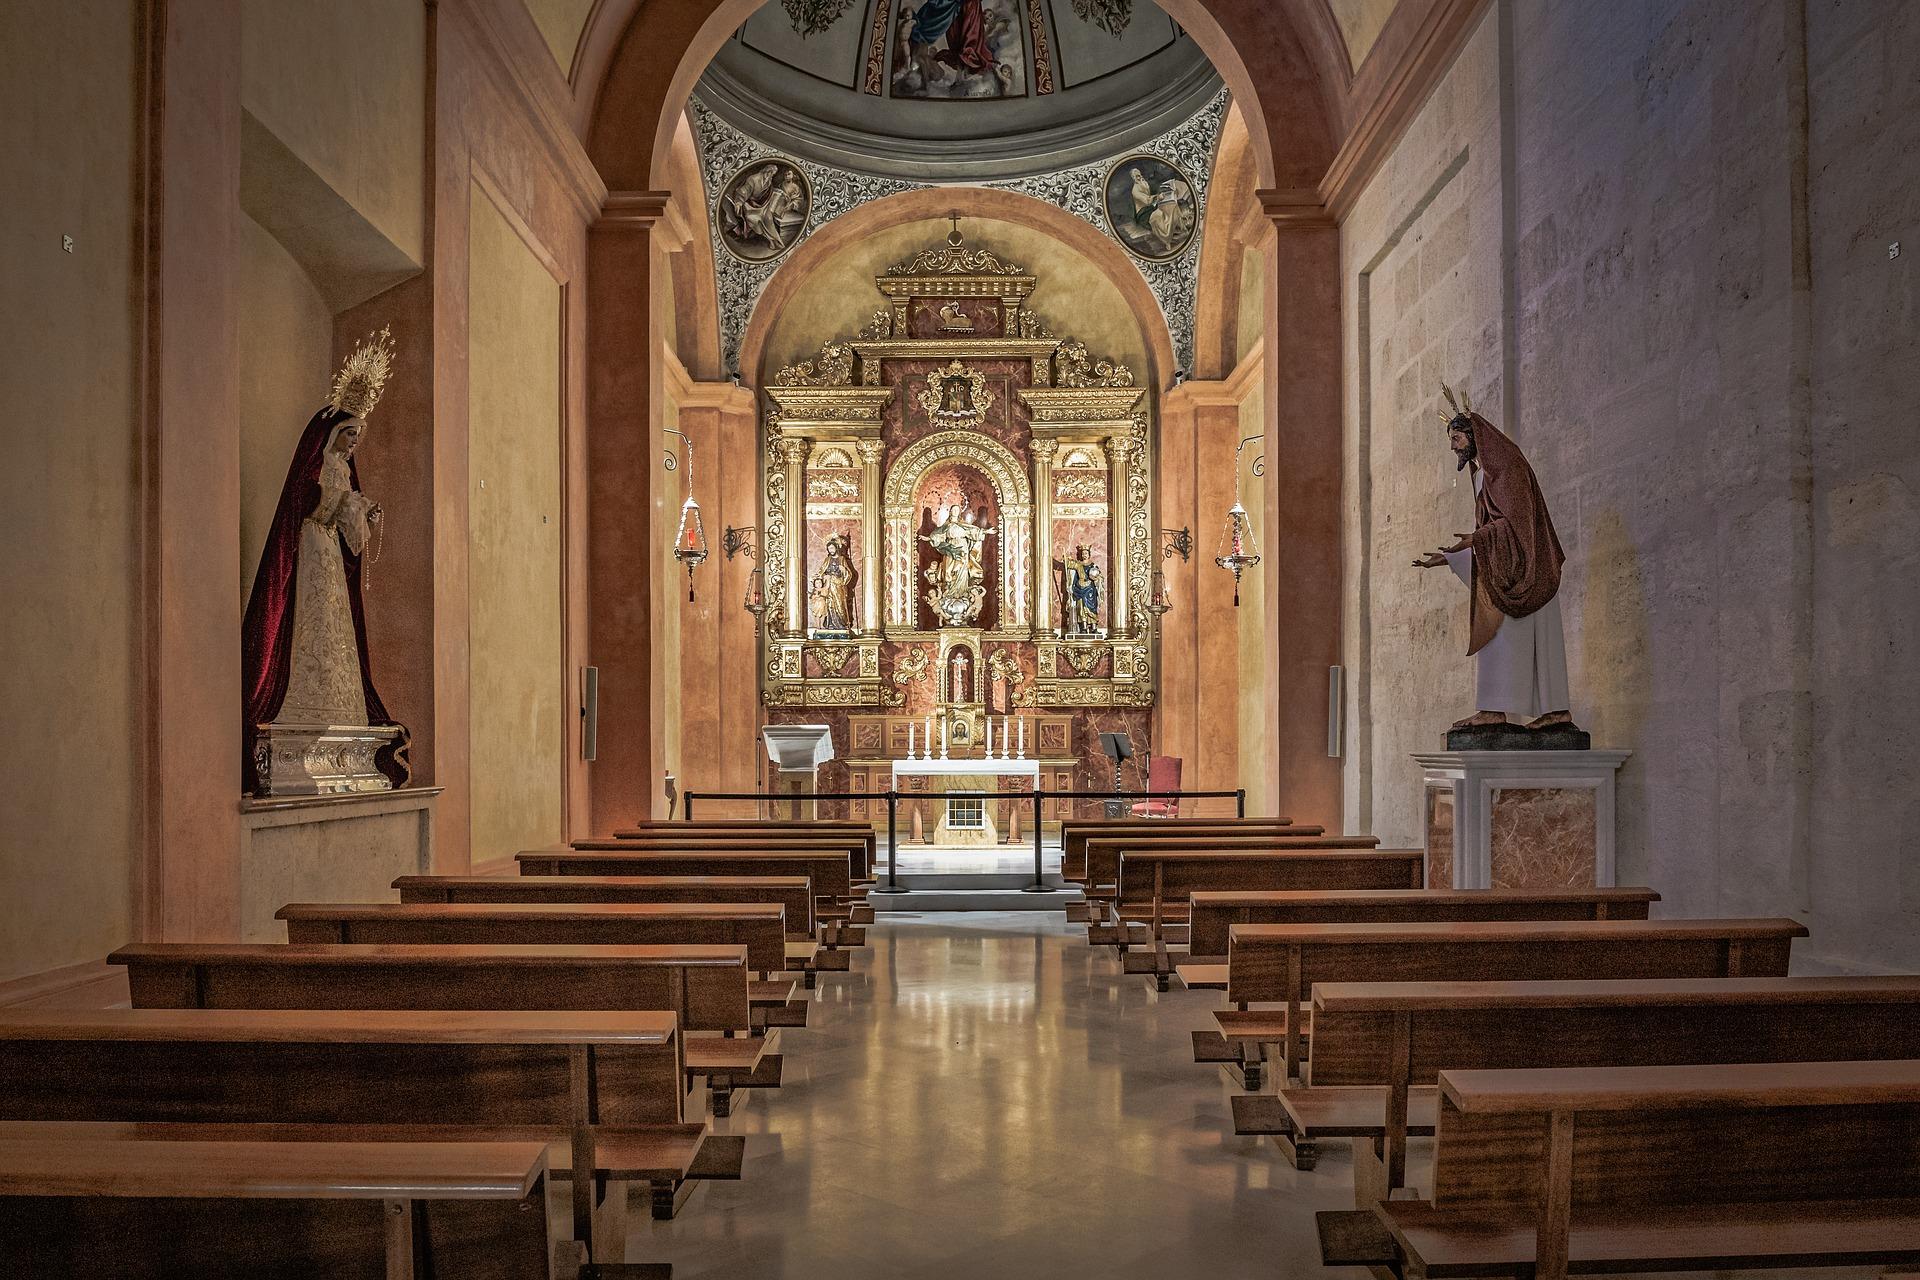 almeria-cathedral-interior--pixabay--4001006_1920.jpg